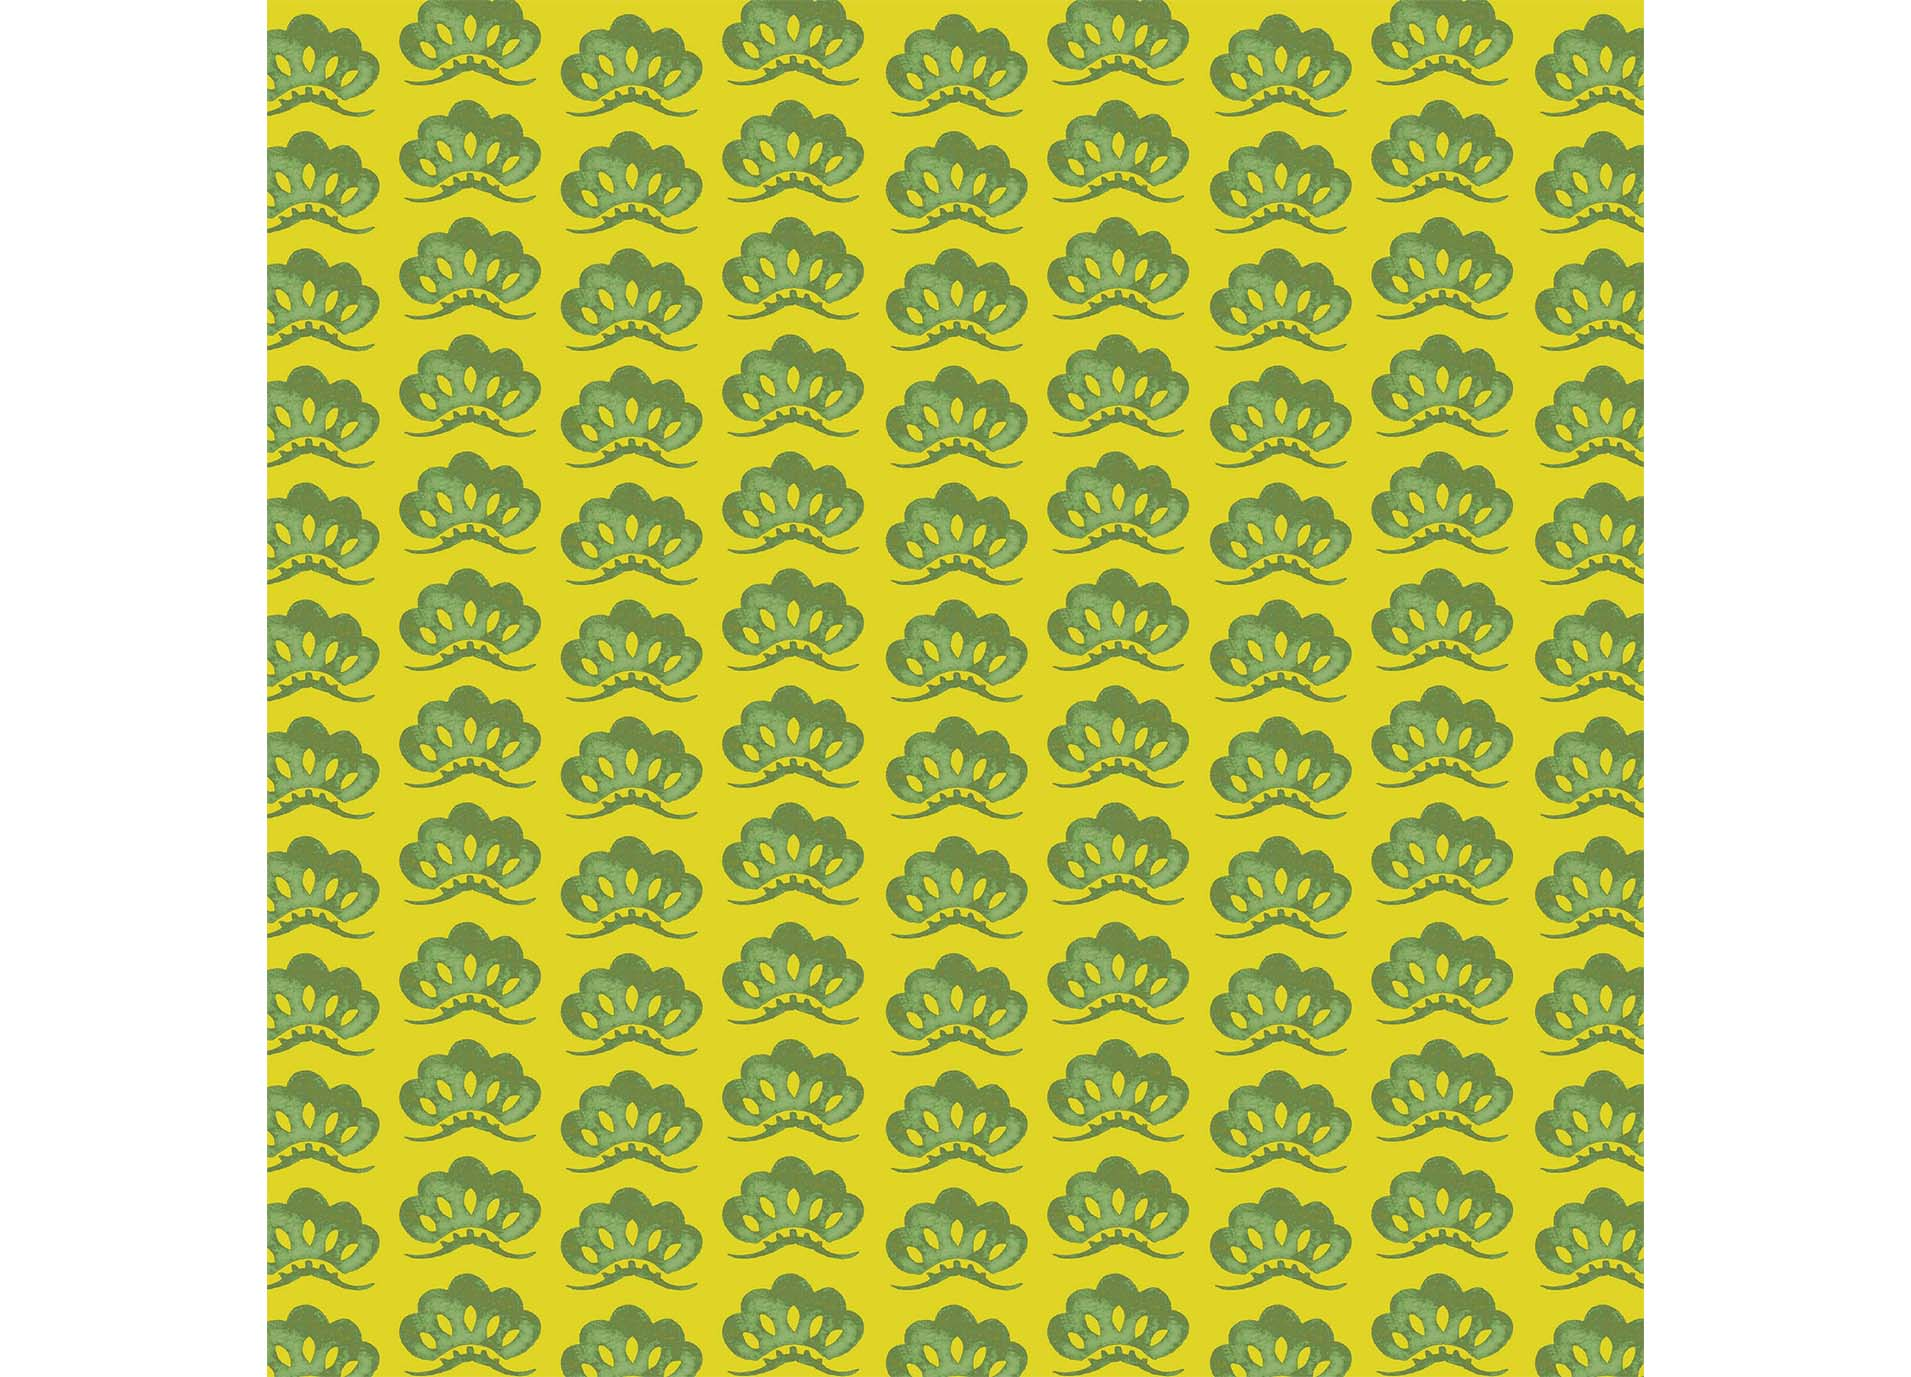 松葉の模様で描いた和柄パターン